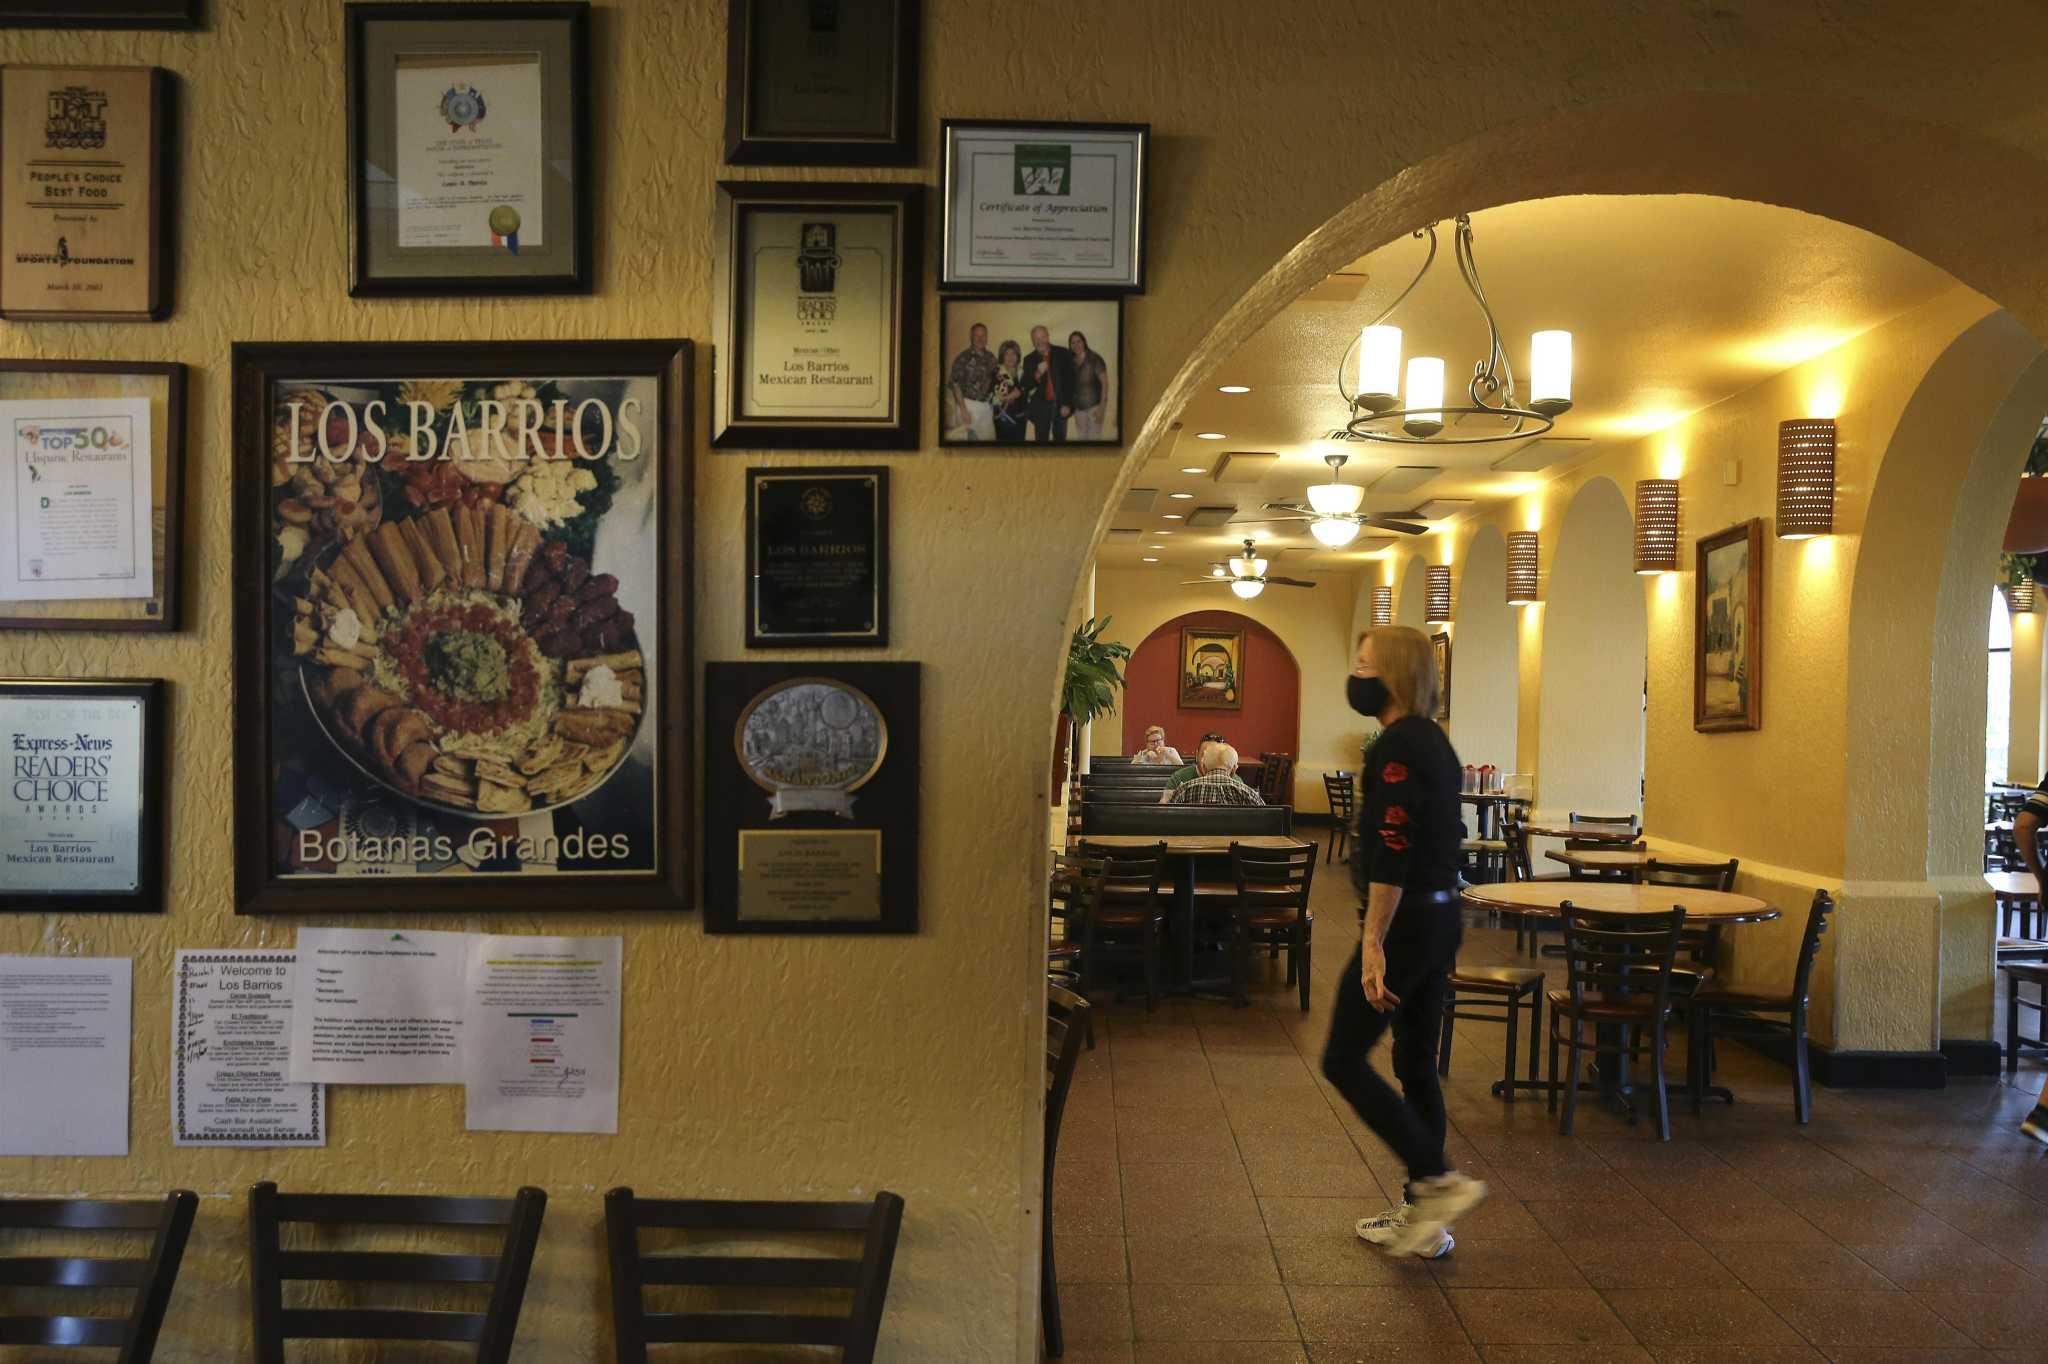 Gov. Abbott's latest order not a game changer for many San Antonio restaurants